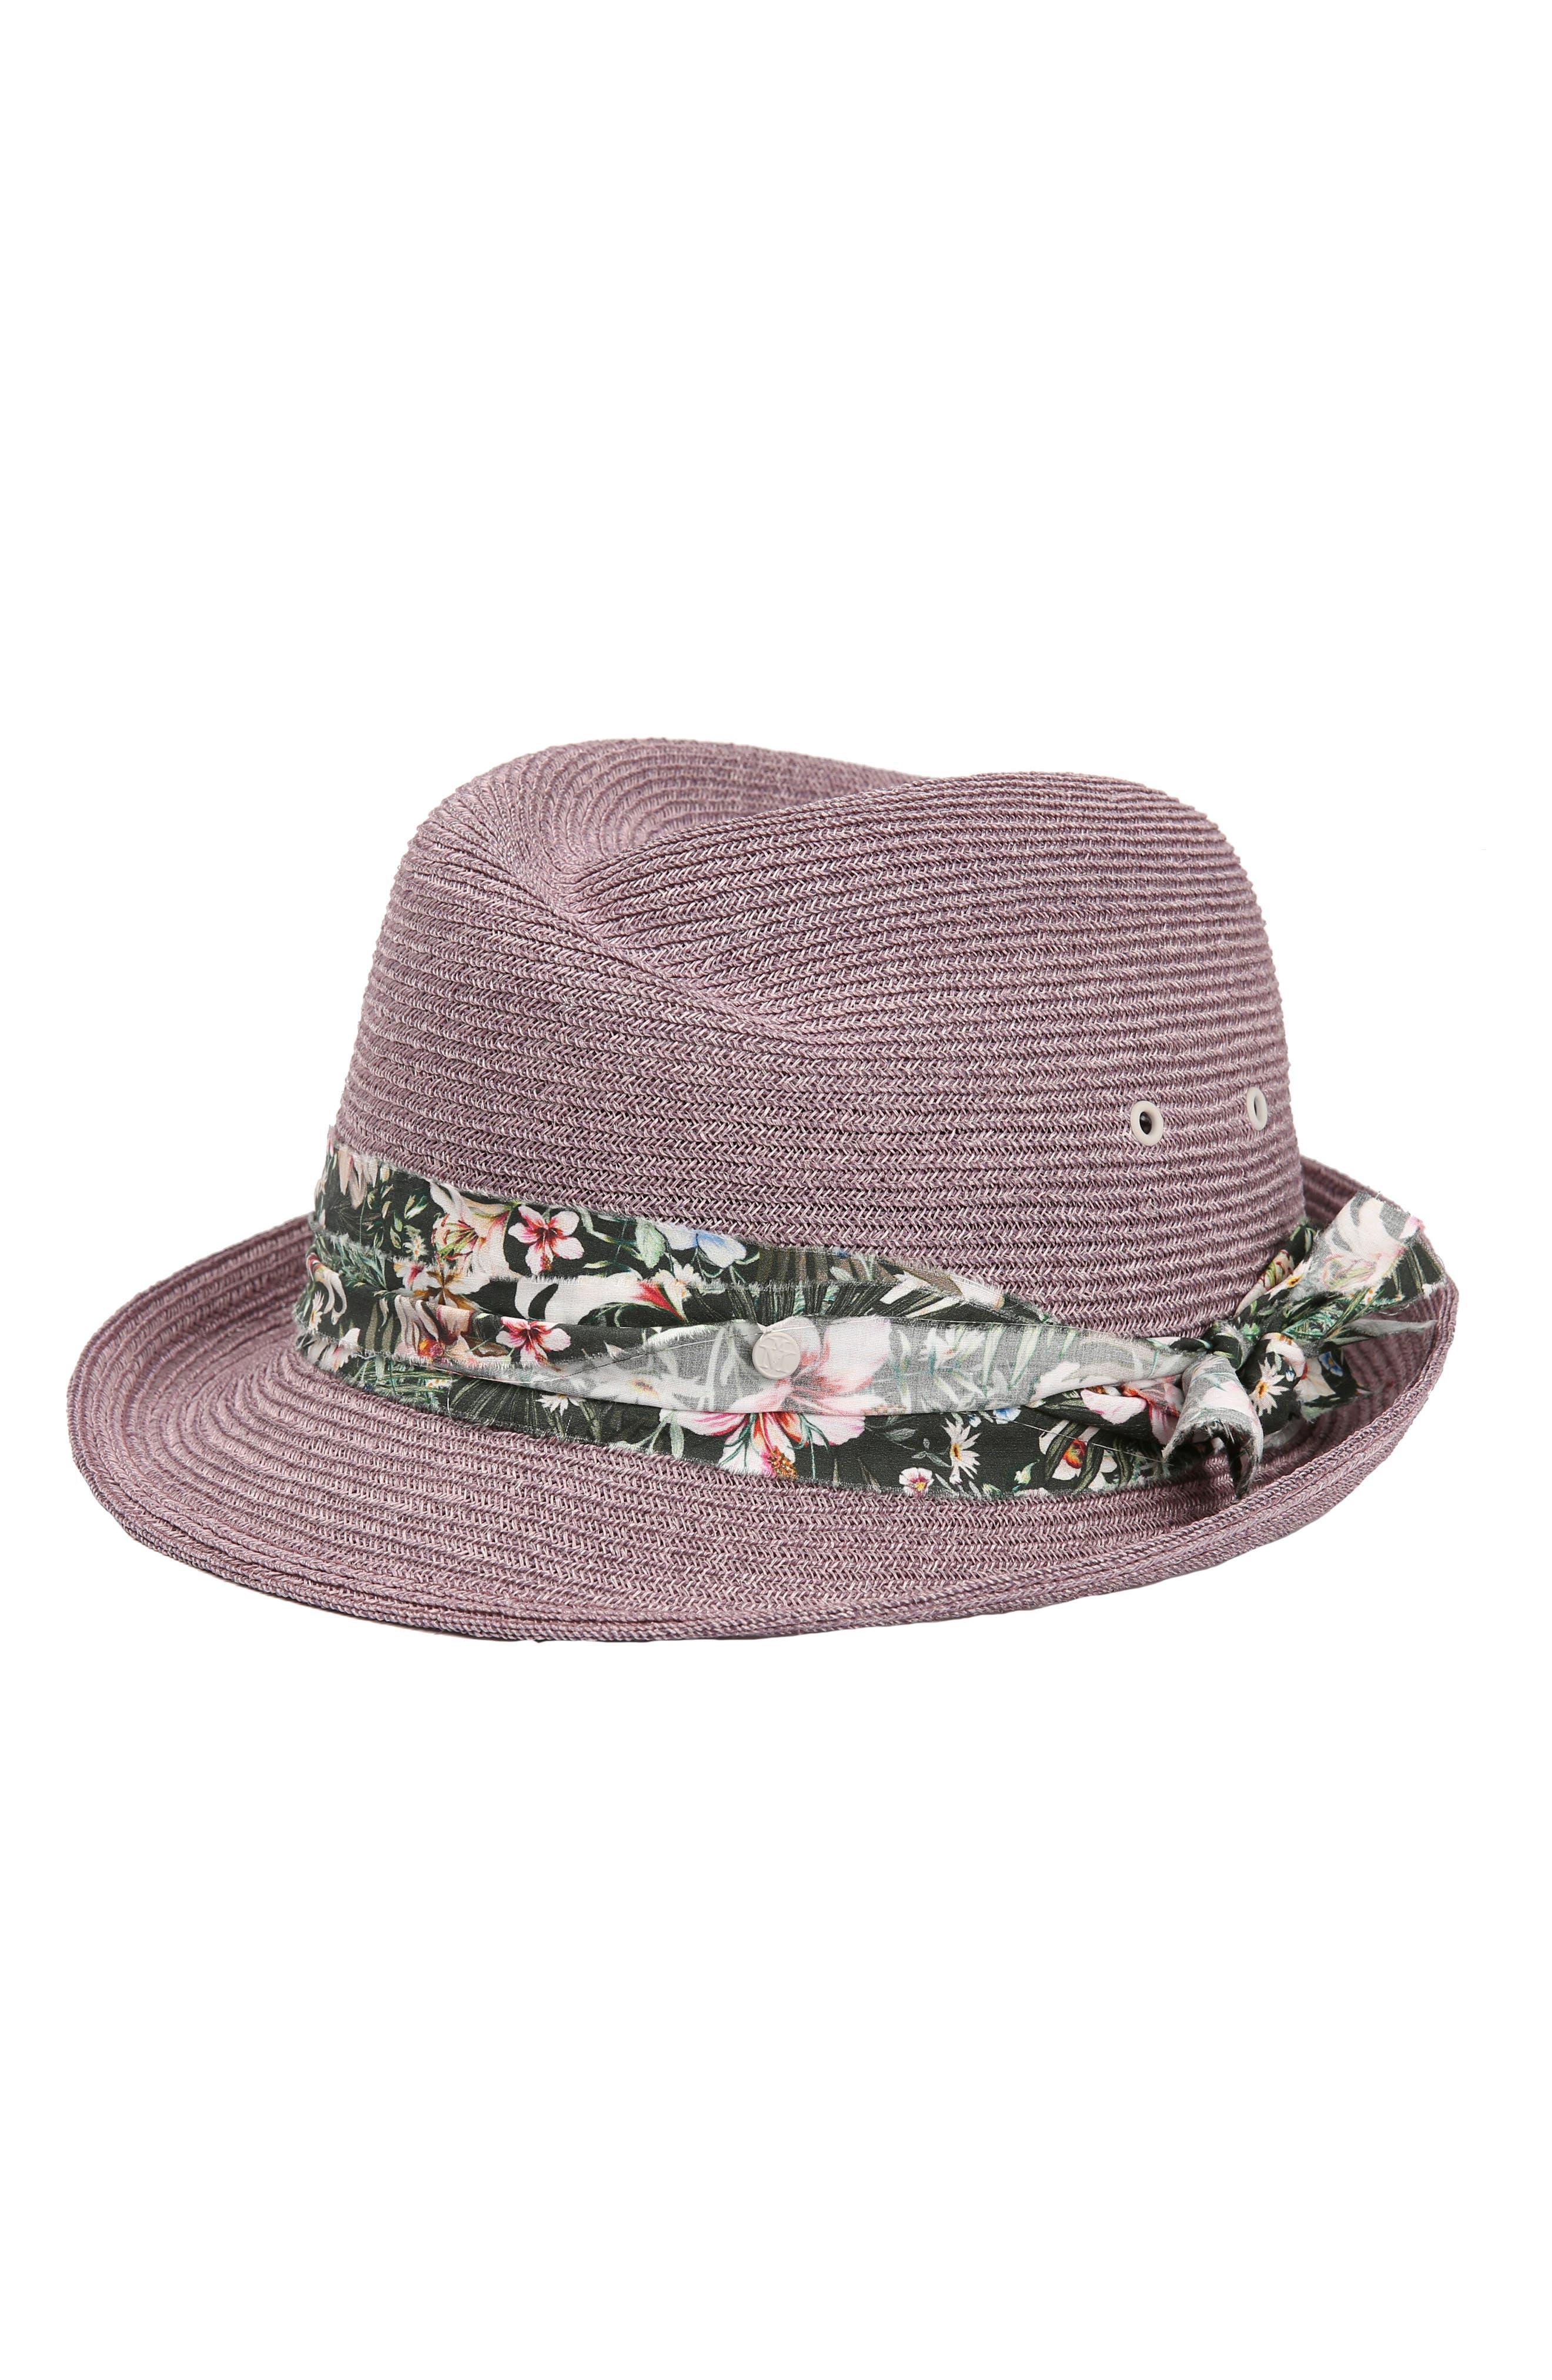 Main Image - Maison Michel Virginie Up Straw Hat